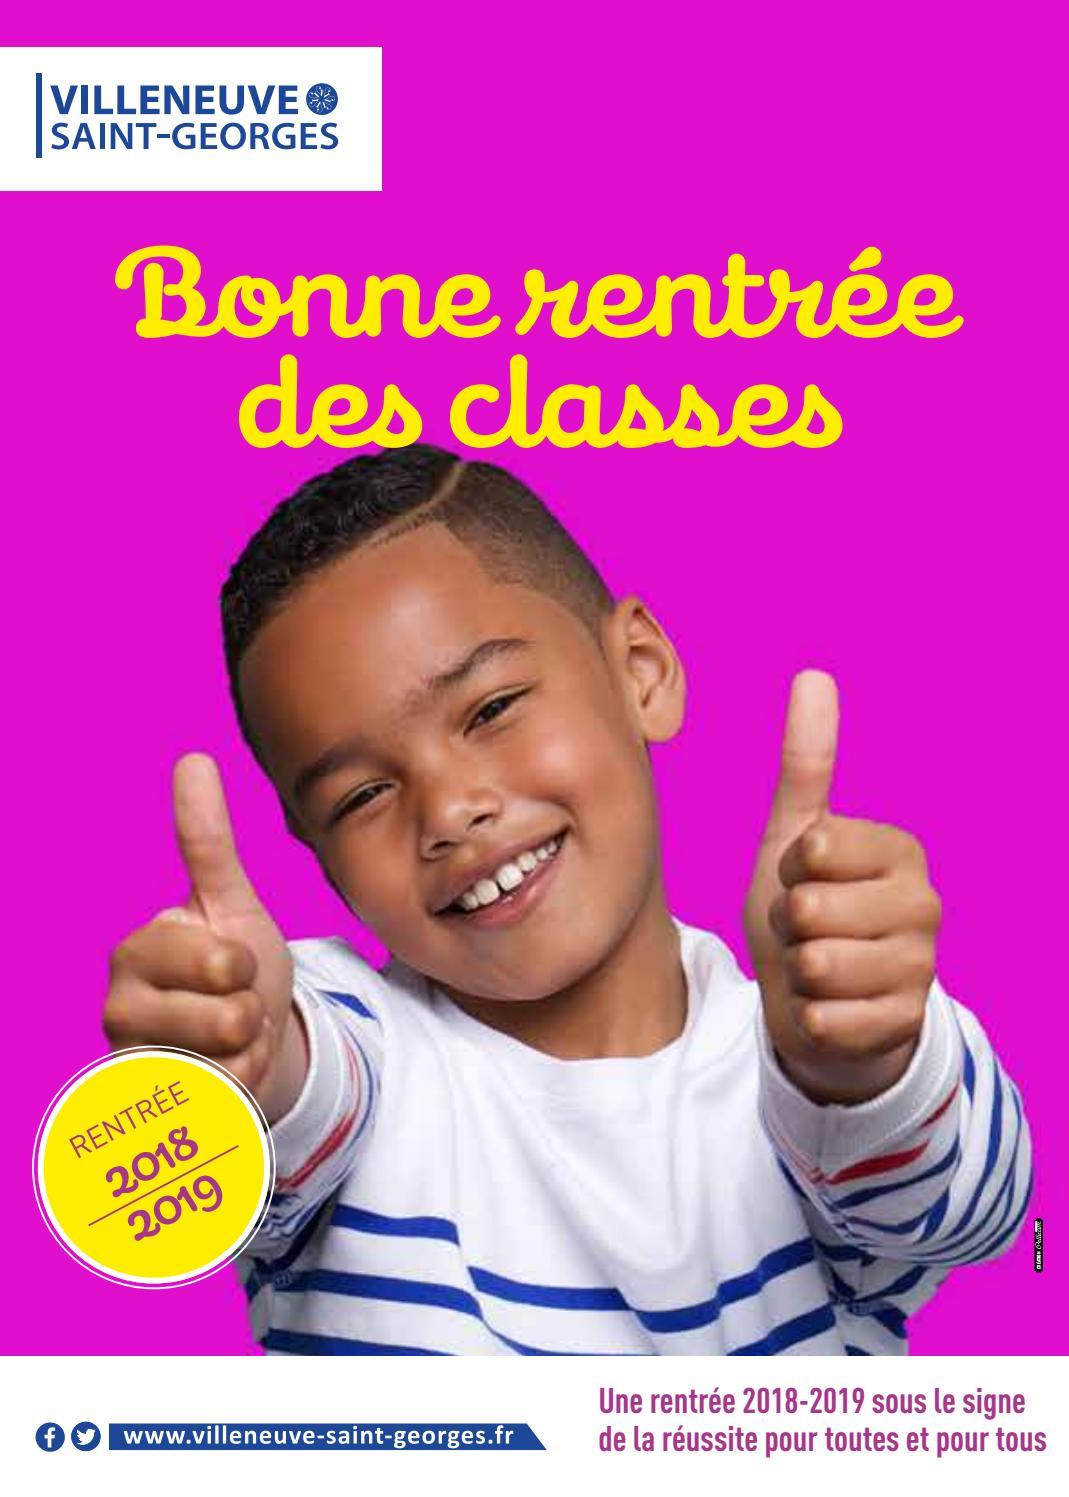 Bonne Rentrée Des Classes By Ville De Villeneuve-Saint destiné Image Bonne Rentrée Des Classes